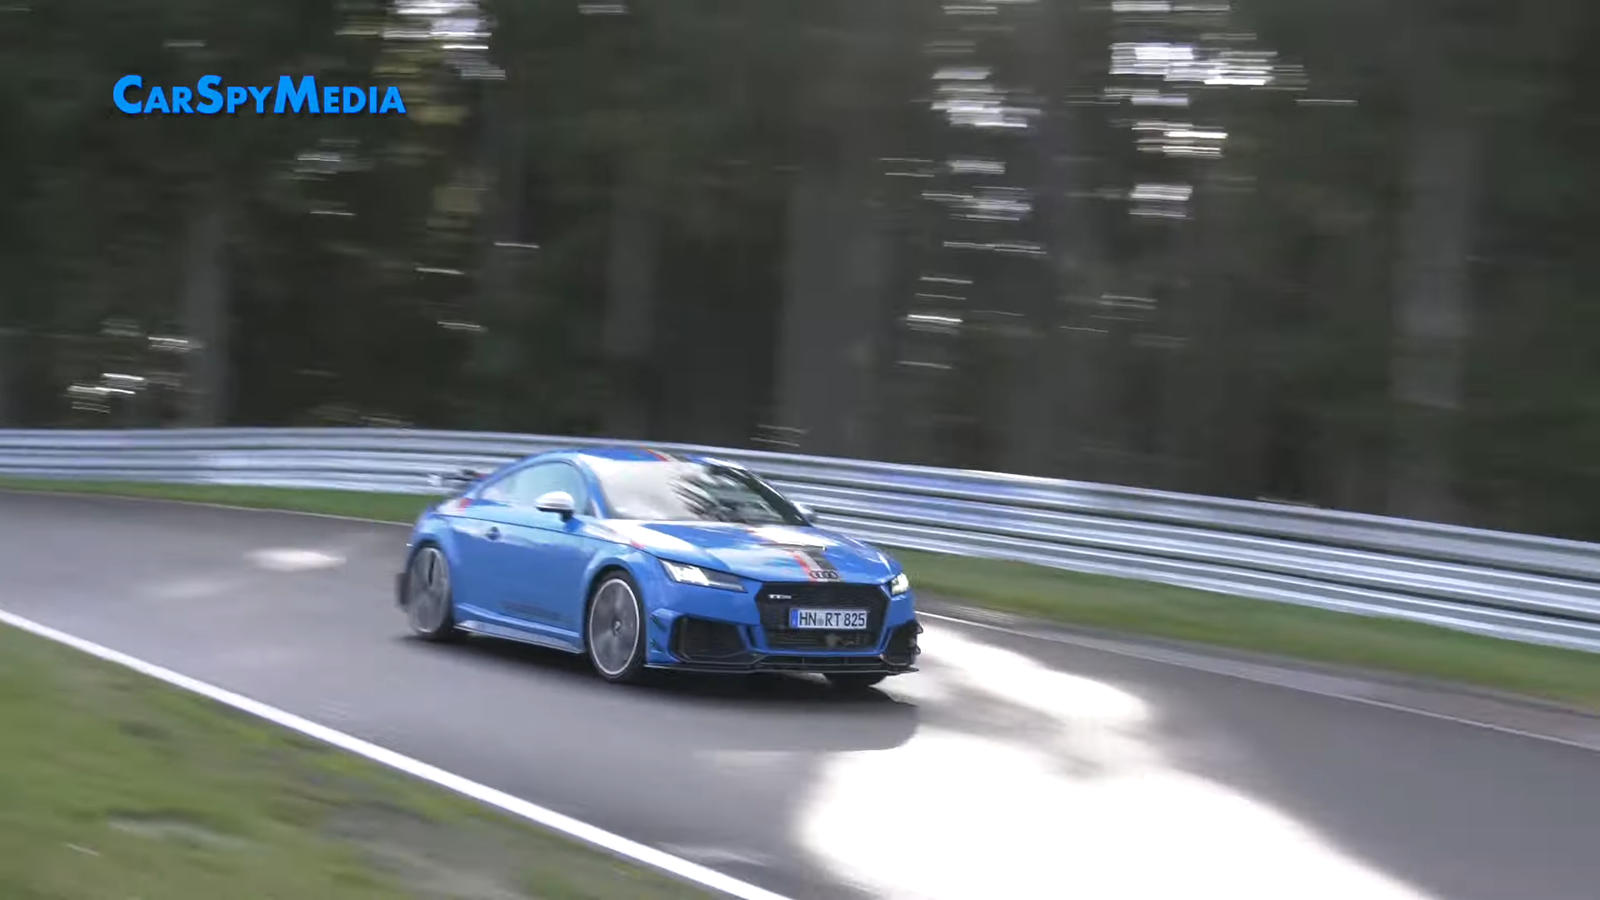 Любопытно, что прототип на видео окрашен в синий цвет, а серийная версия будет доступна только в альпийском белом цвете с ретро-наклейками на капоте, крыльях, крыше и задней части в стиле Audi Sport Quattro S1 1987 года, доведенного до победы Уолтеро